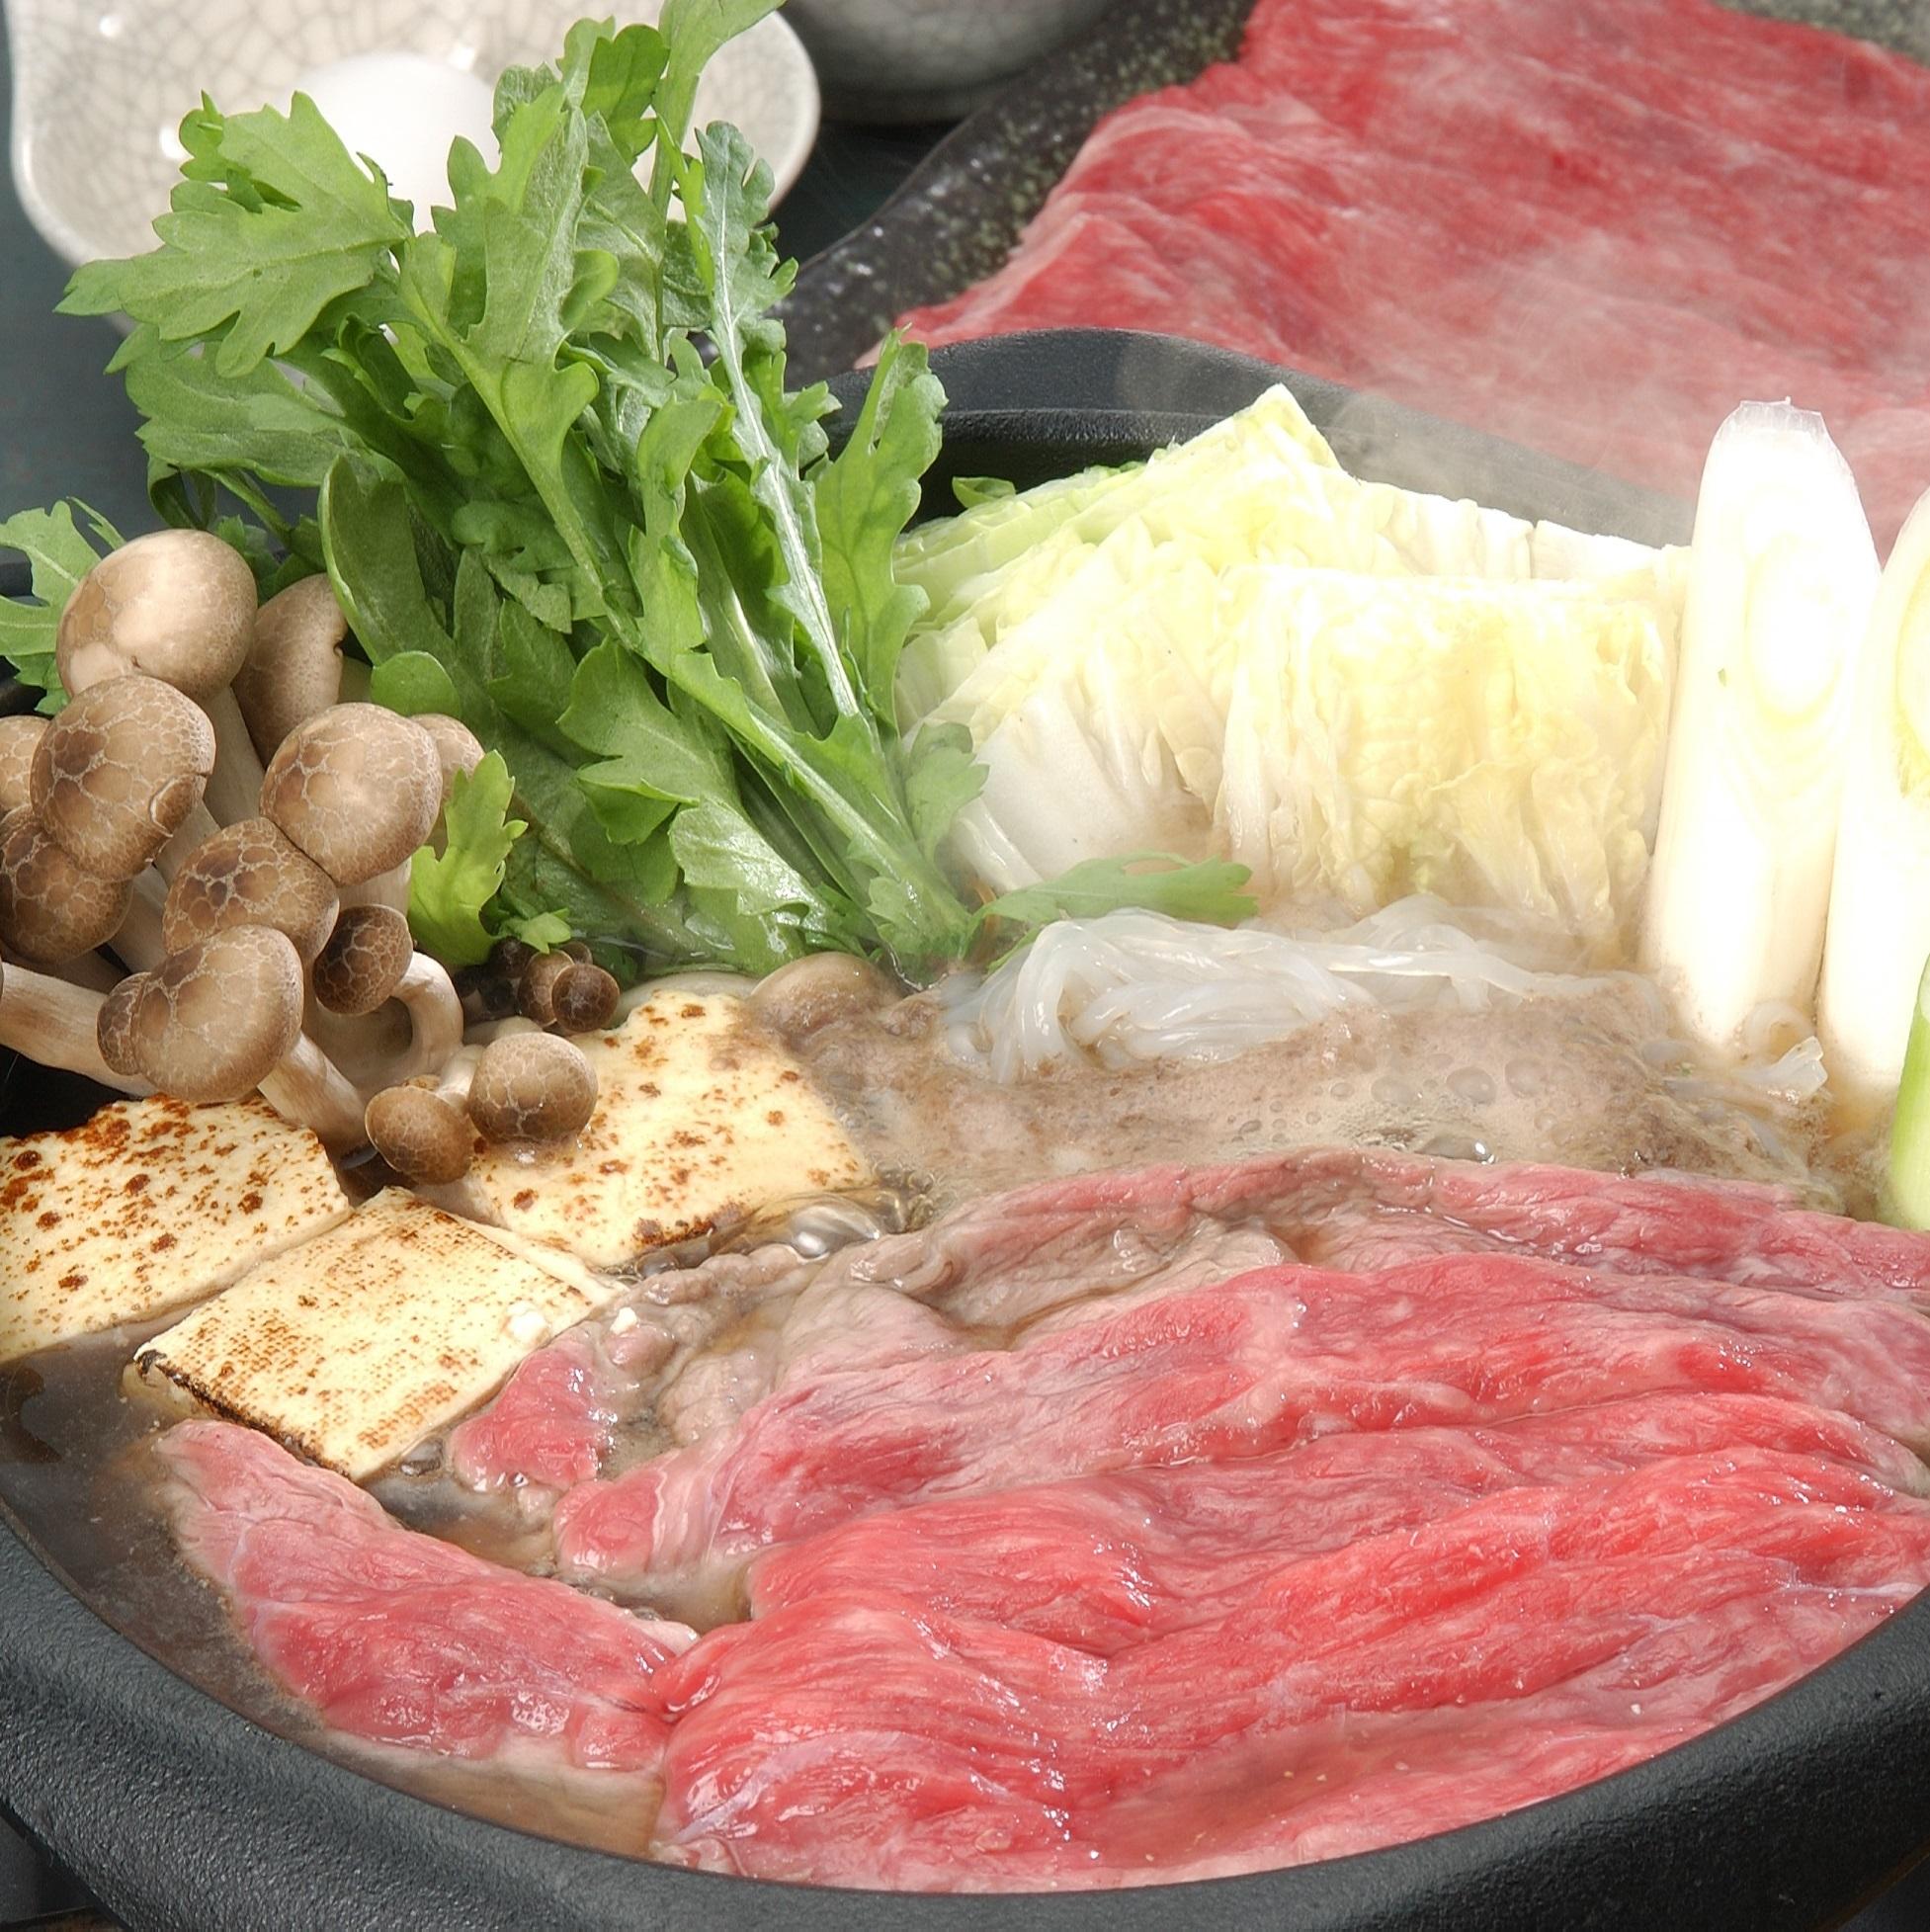 【北海道】宗谷黒牛カタロースすきしゃぶ 1.2kg